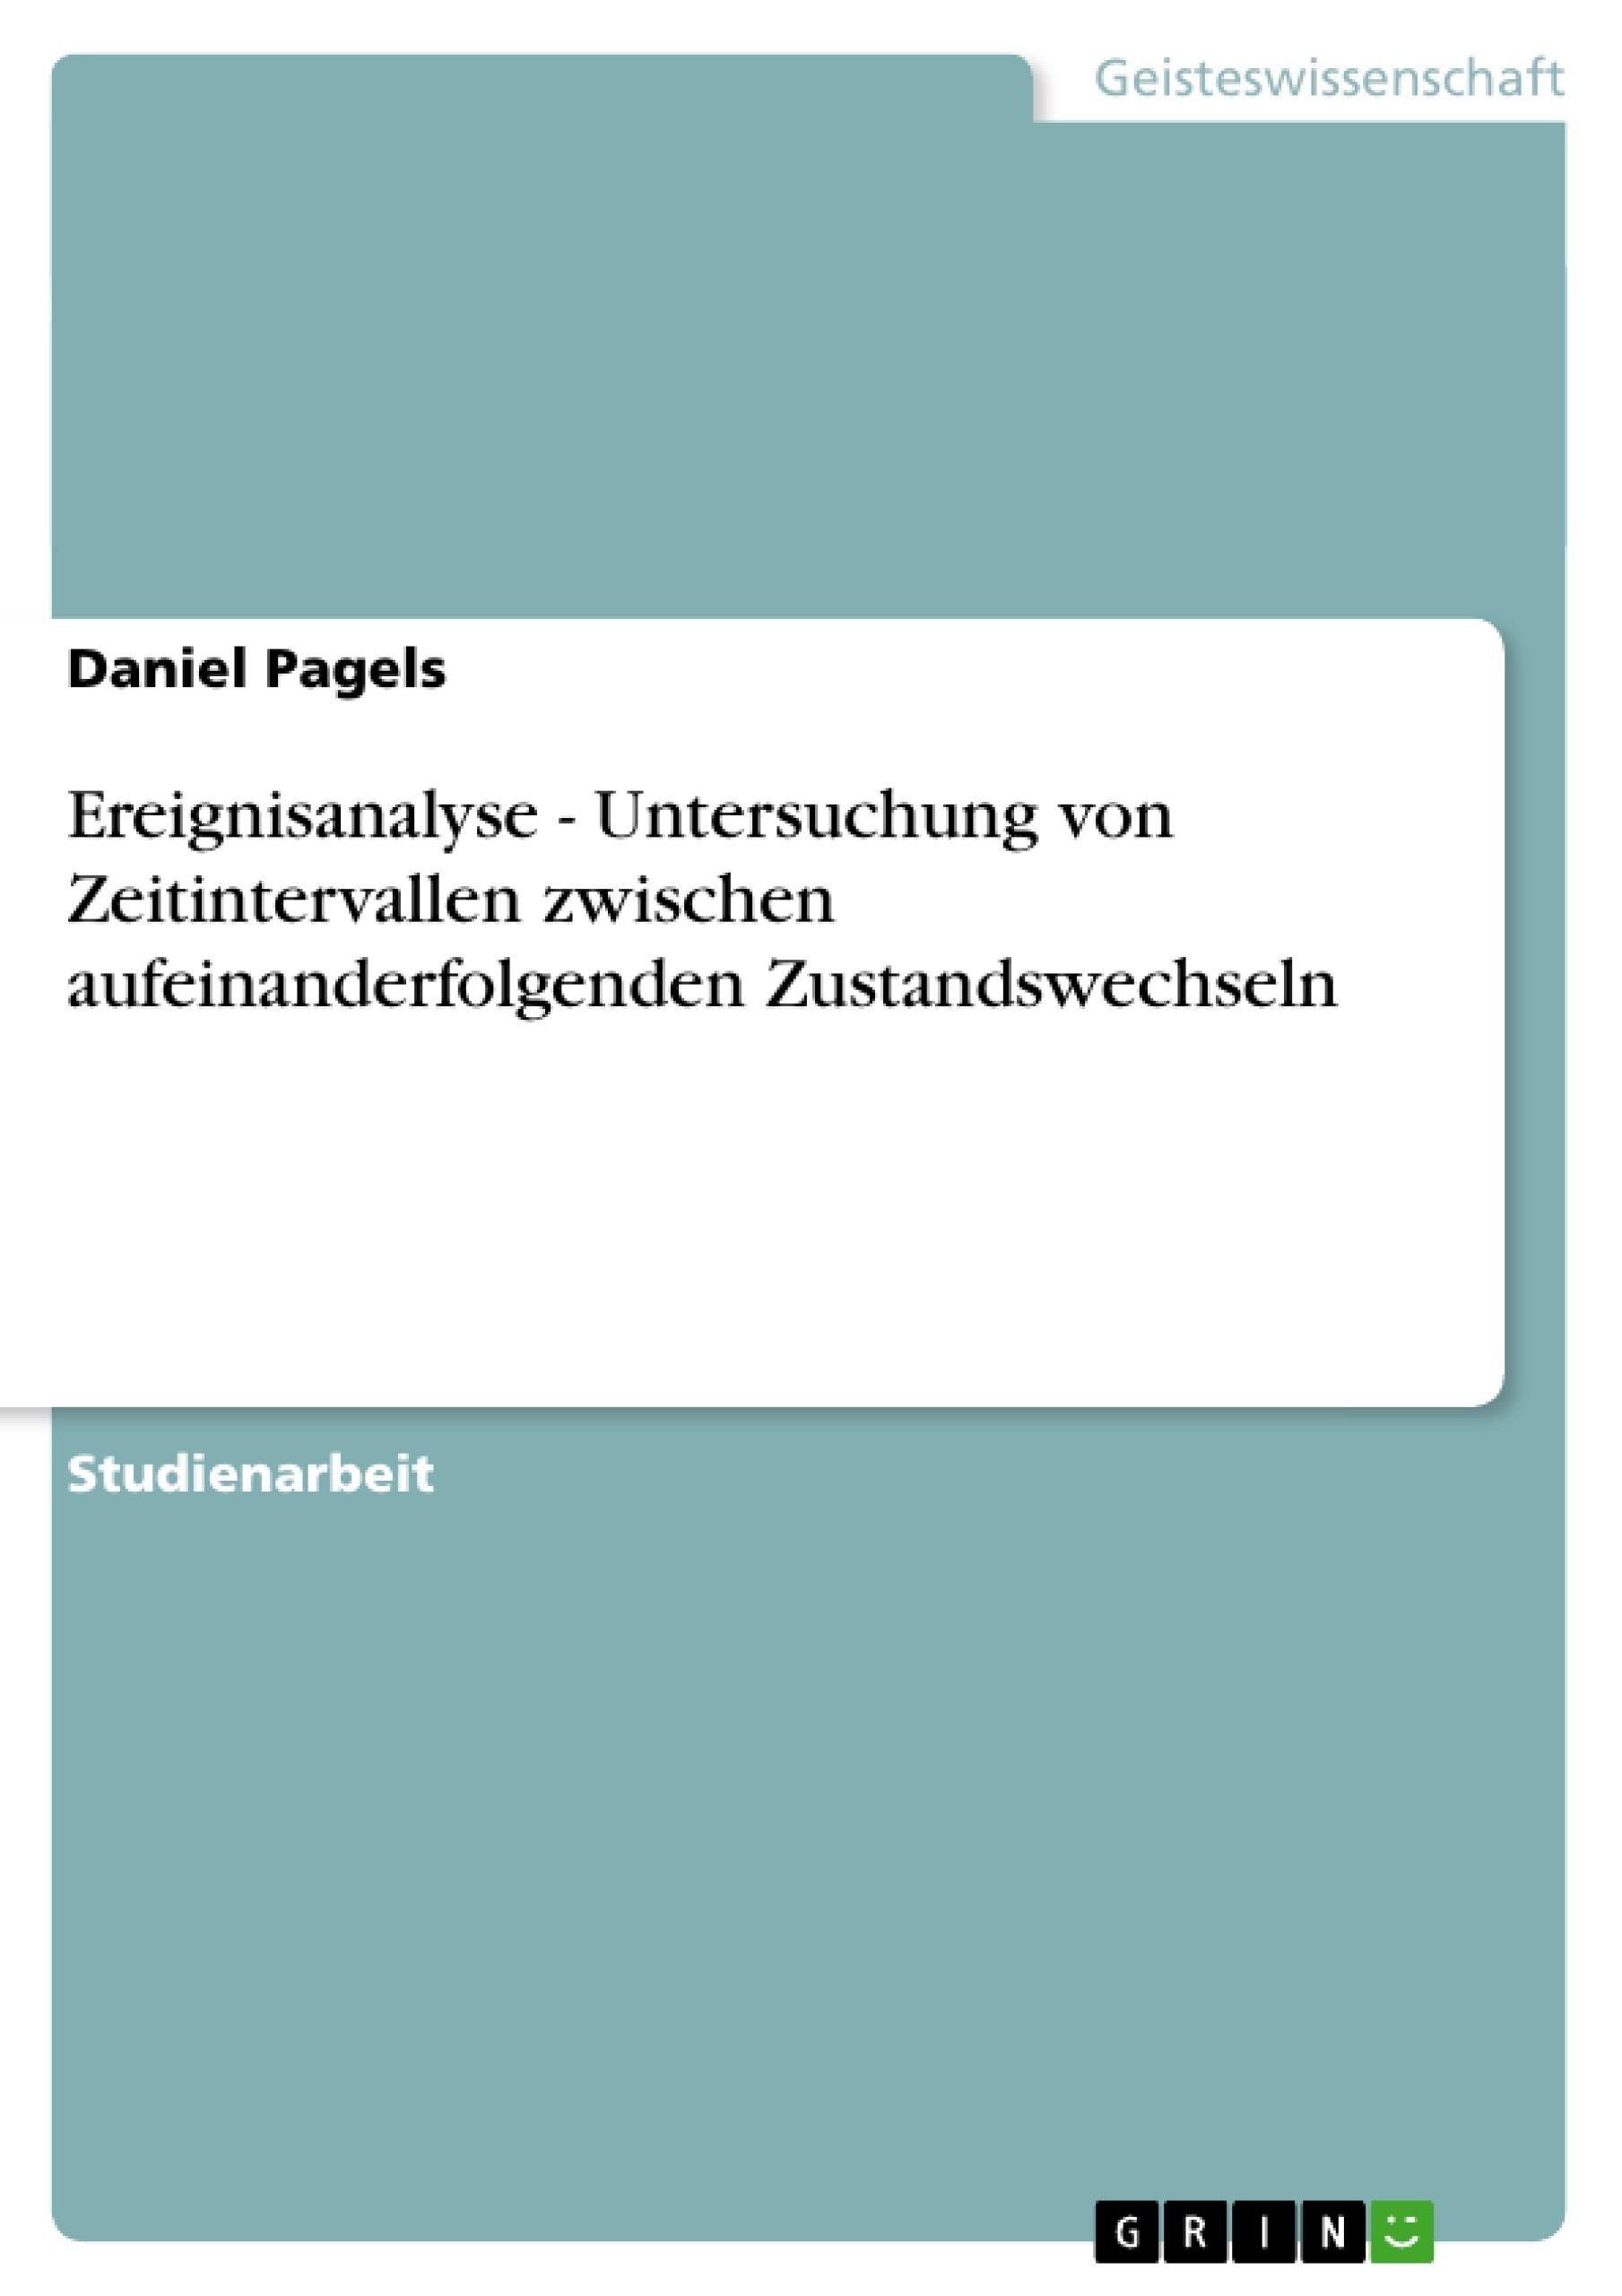 Titel: Ereignisanalyse - Untersuchung von Zeitintervallen zwischen aufeinanderfolgenden Zustandswechseln